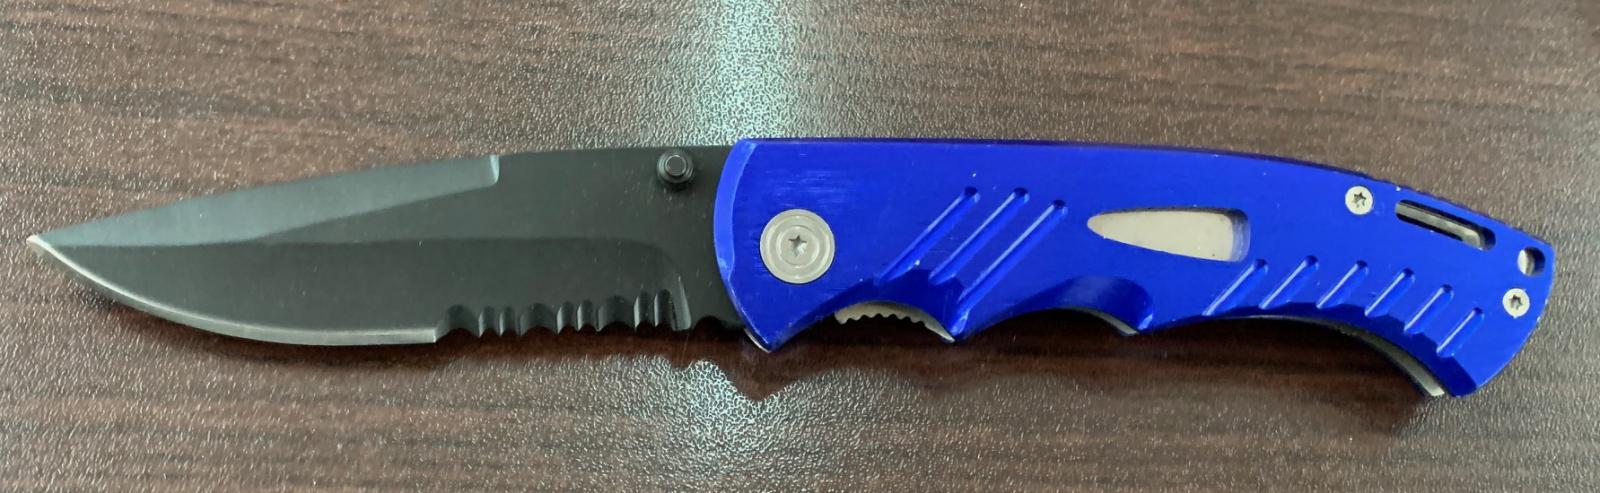 Складной нож с ярко-синей рукояткой